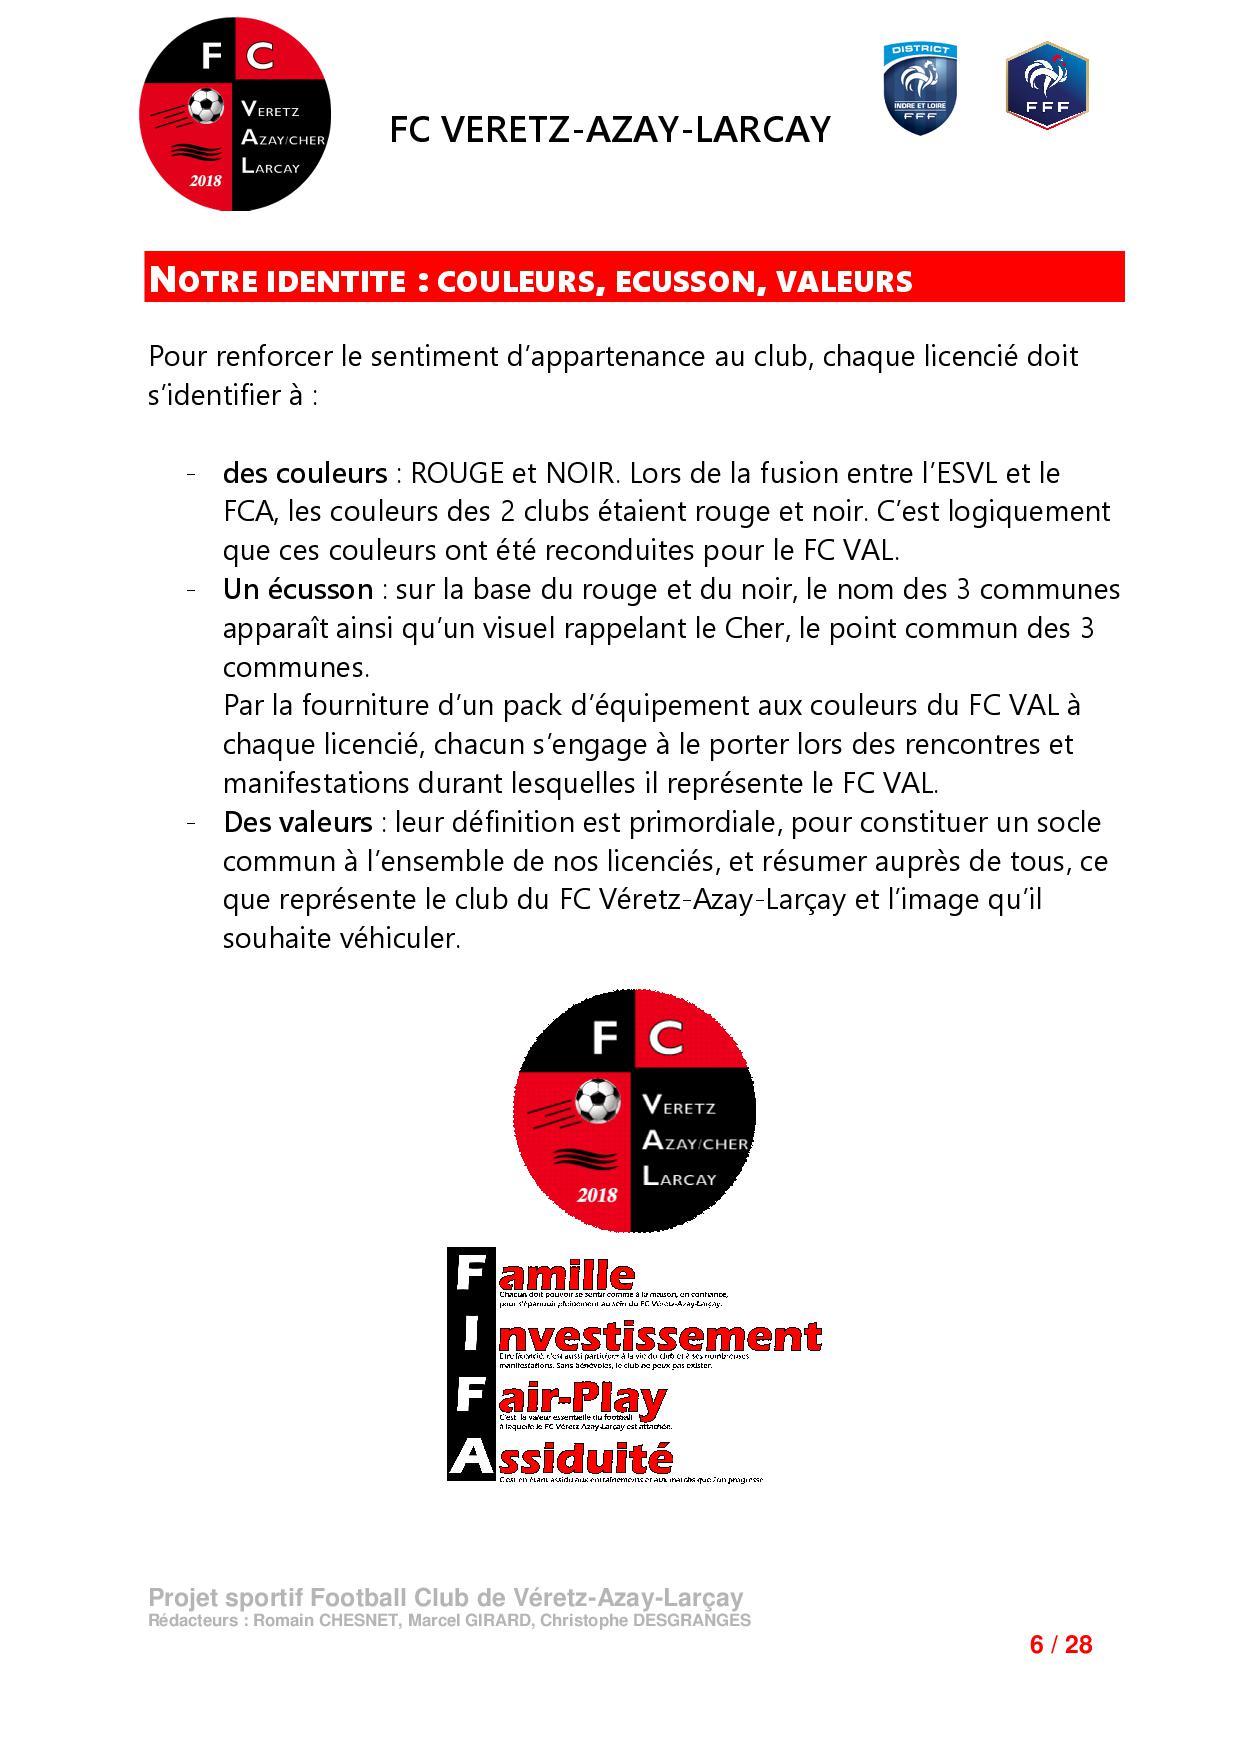 projet_sportif_2017-202006.jpg